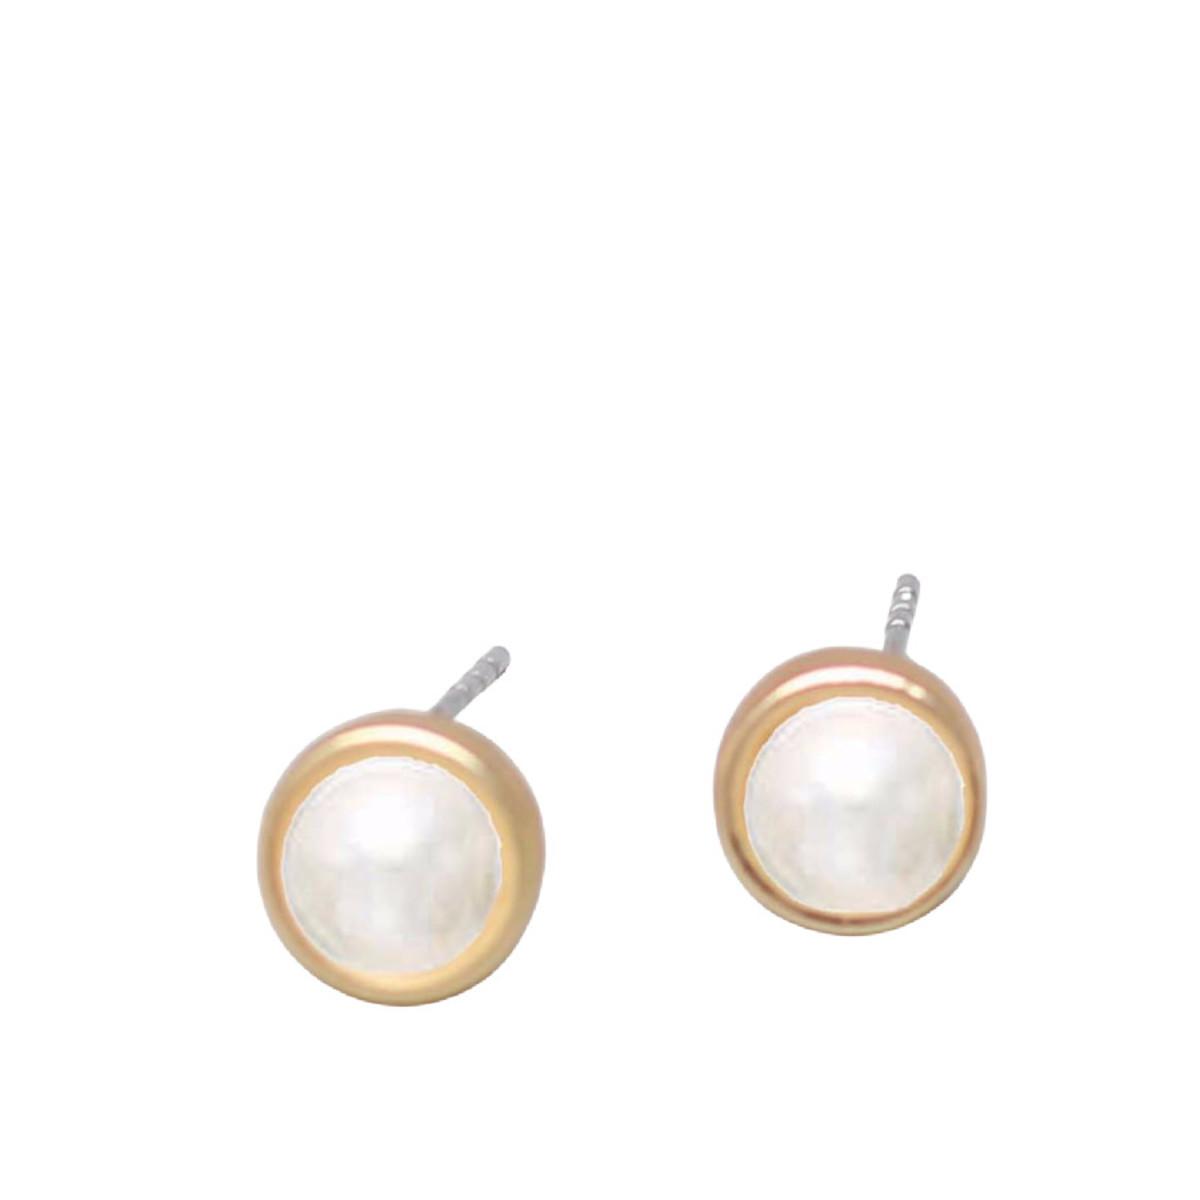 Michelle McDowell Remi Stud Earrings